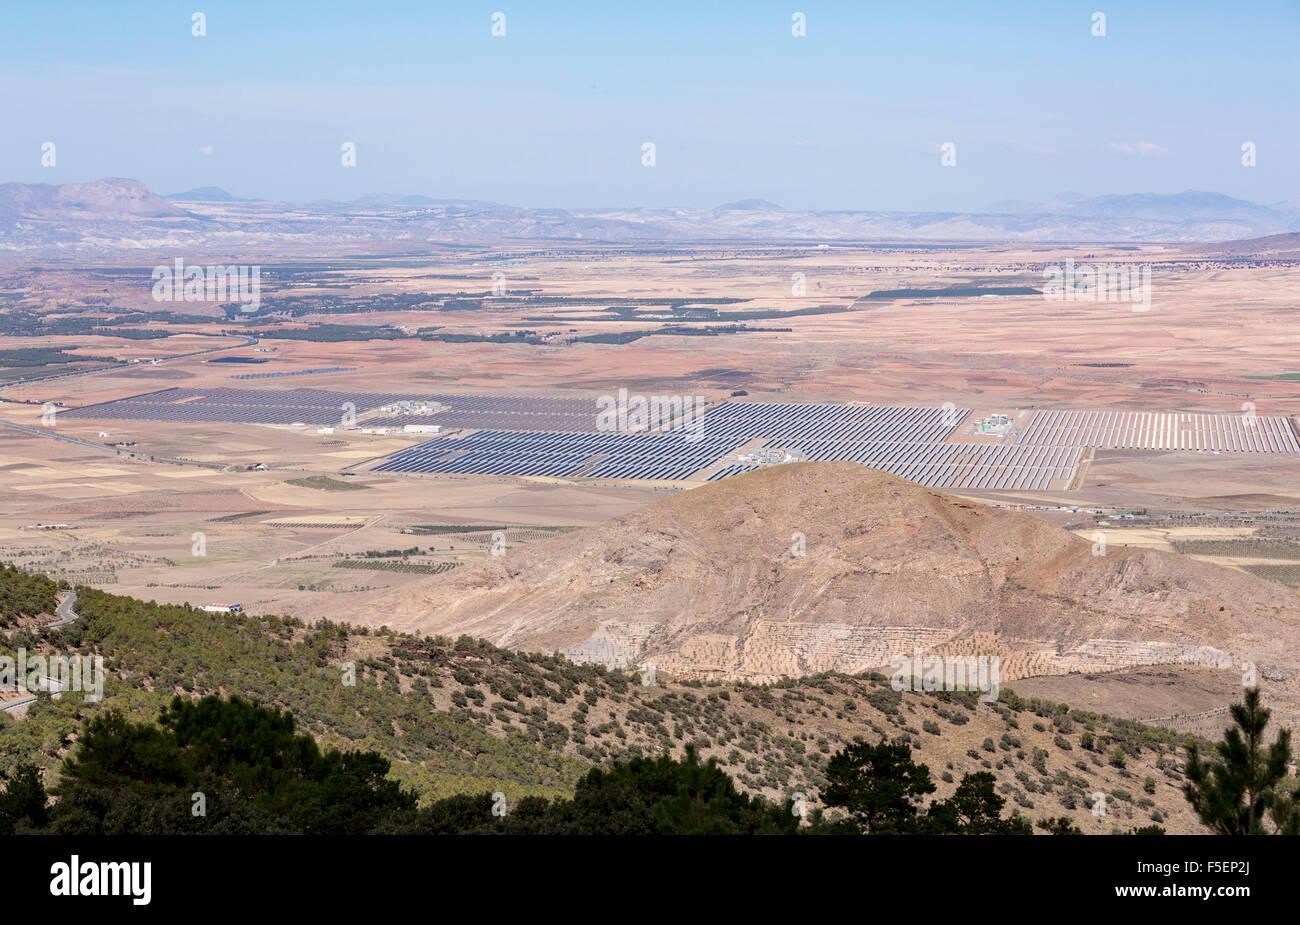 Vue aérienne des panneaux solaires dans une grande ferme solaire baie dans la campagne dans le sud de l'Espagne Photo Stock